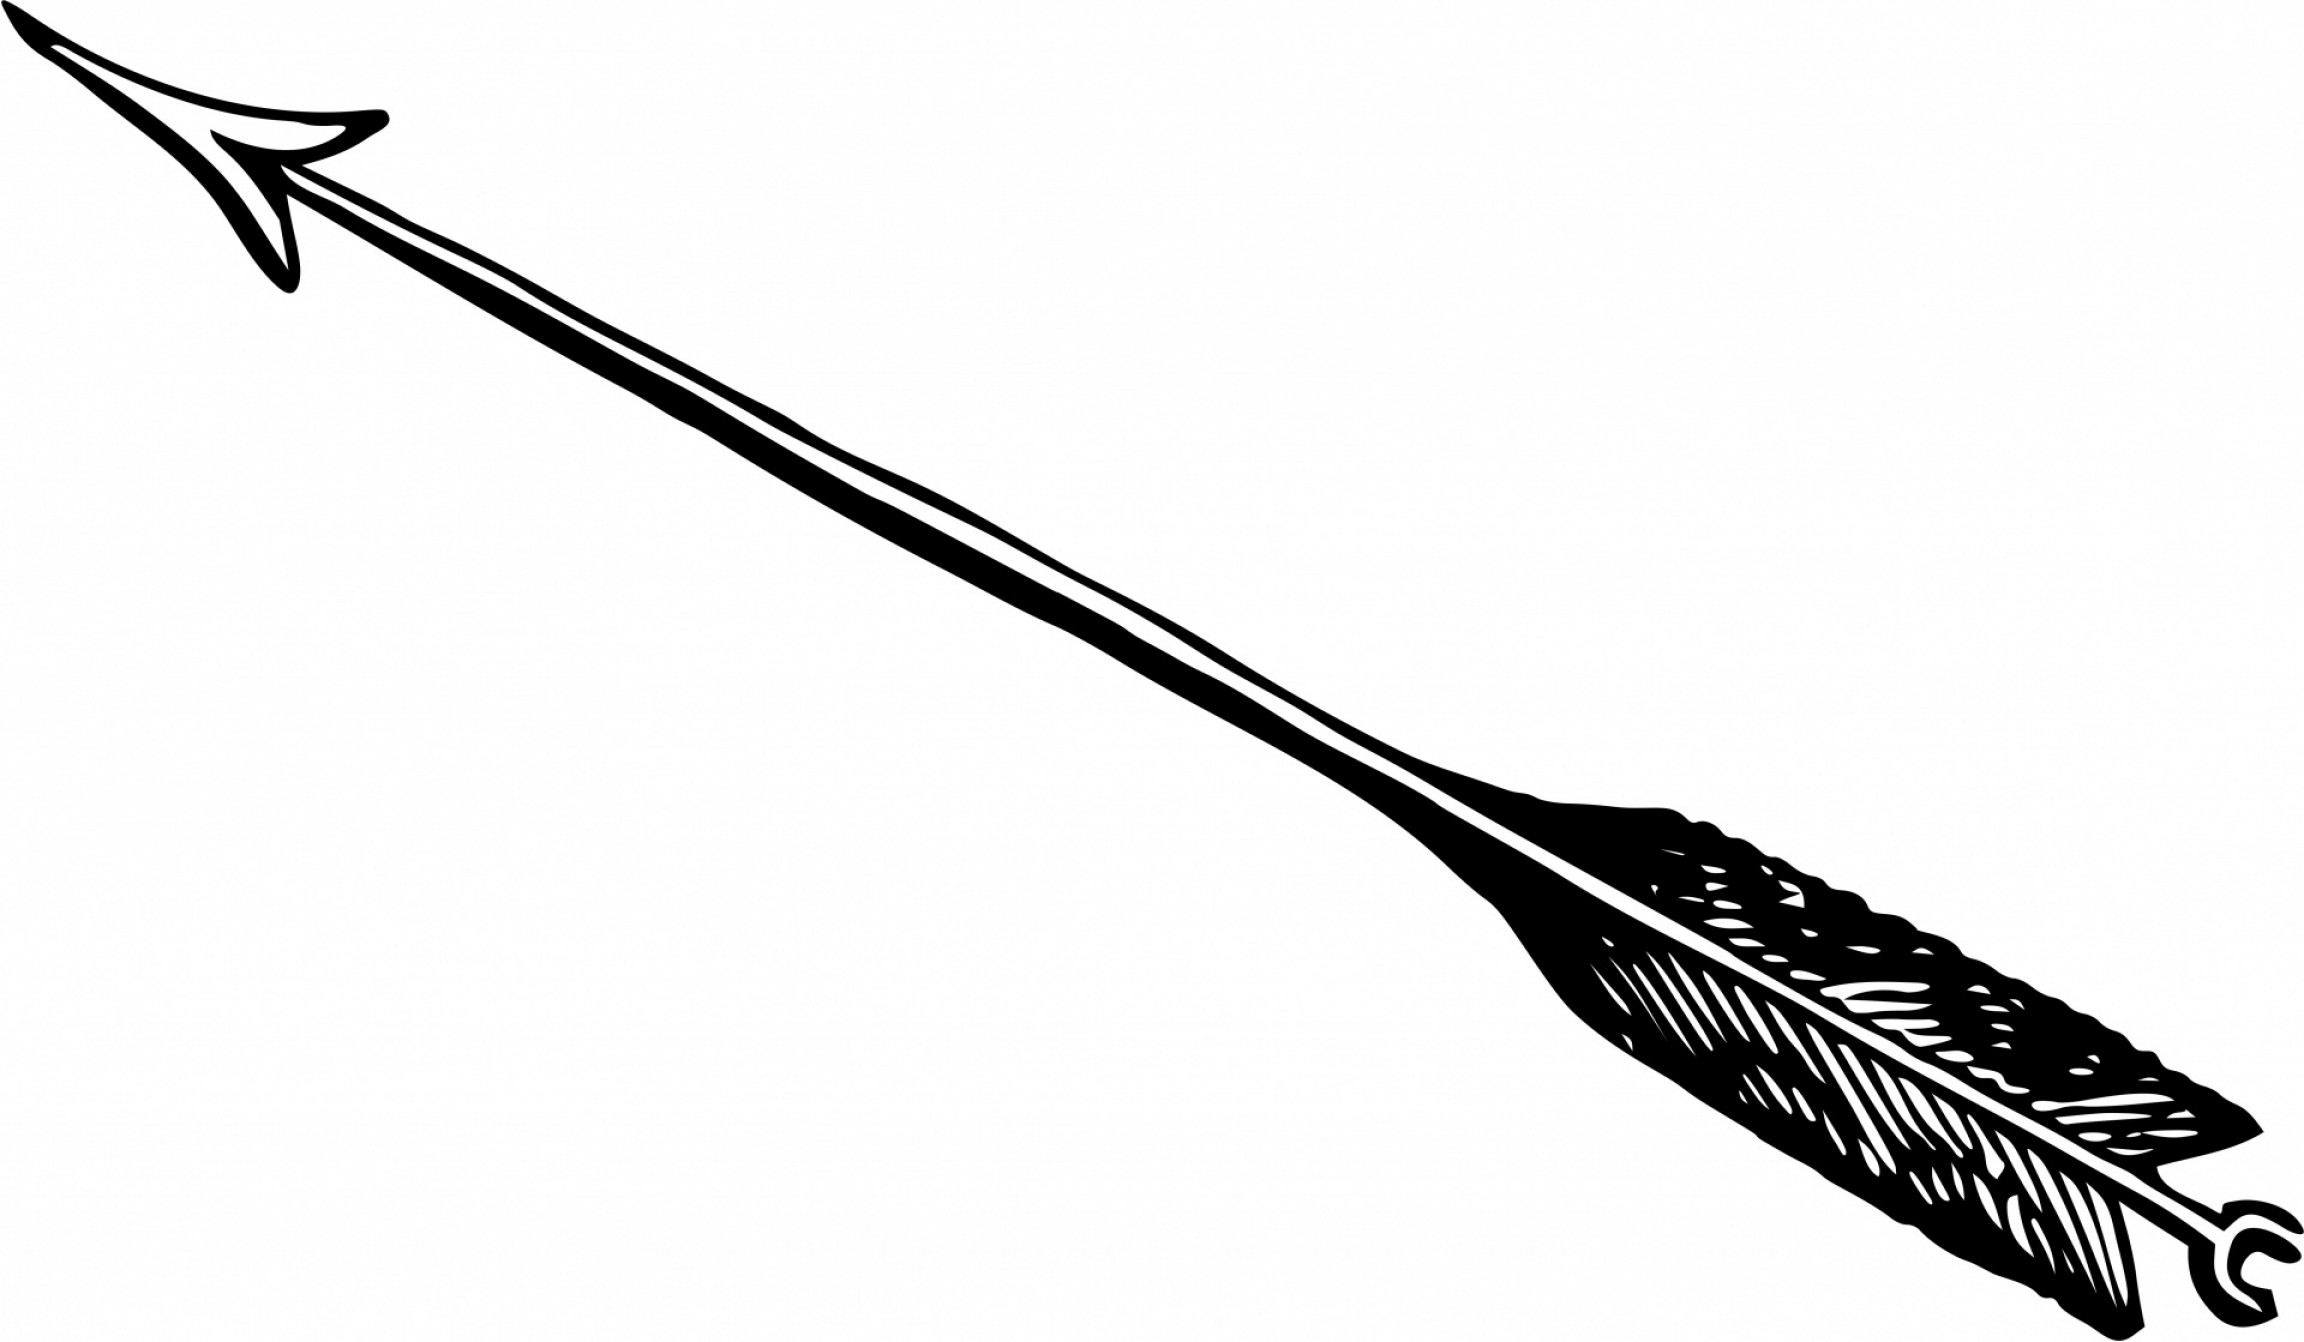 2304x1342 Black Clipart Bow And Arrow